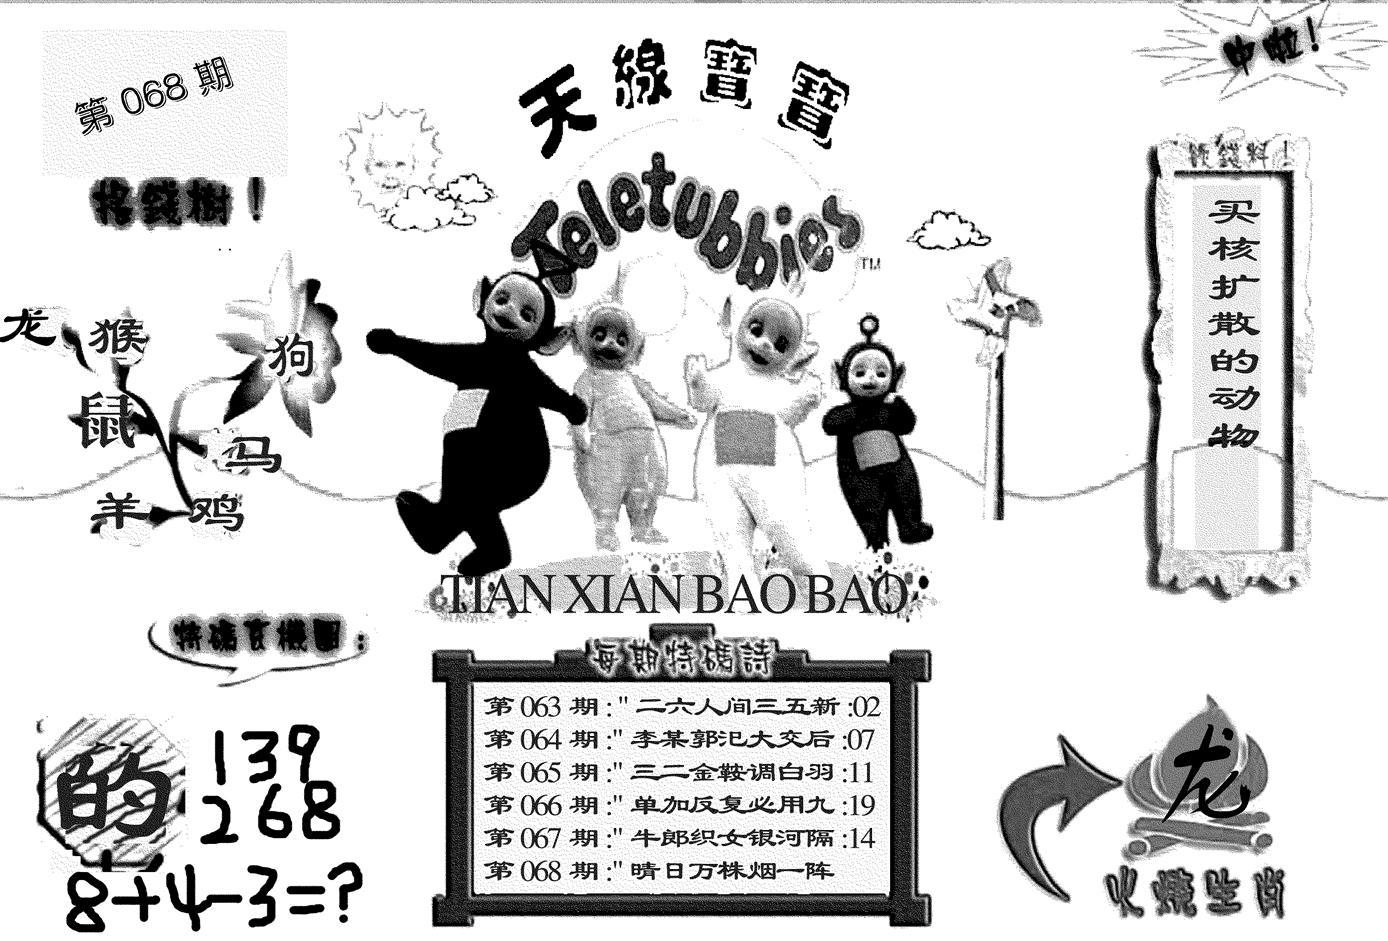 068期天线宝宝(黑白)(黑白)